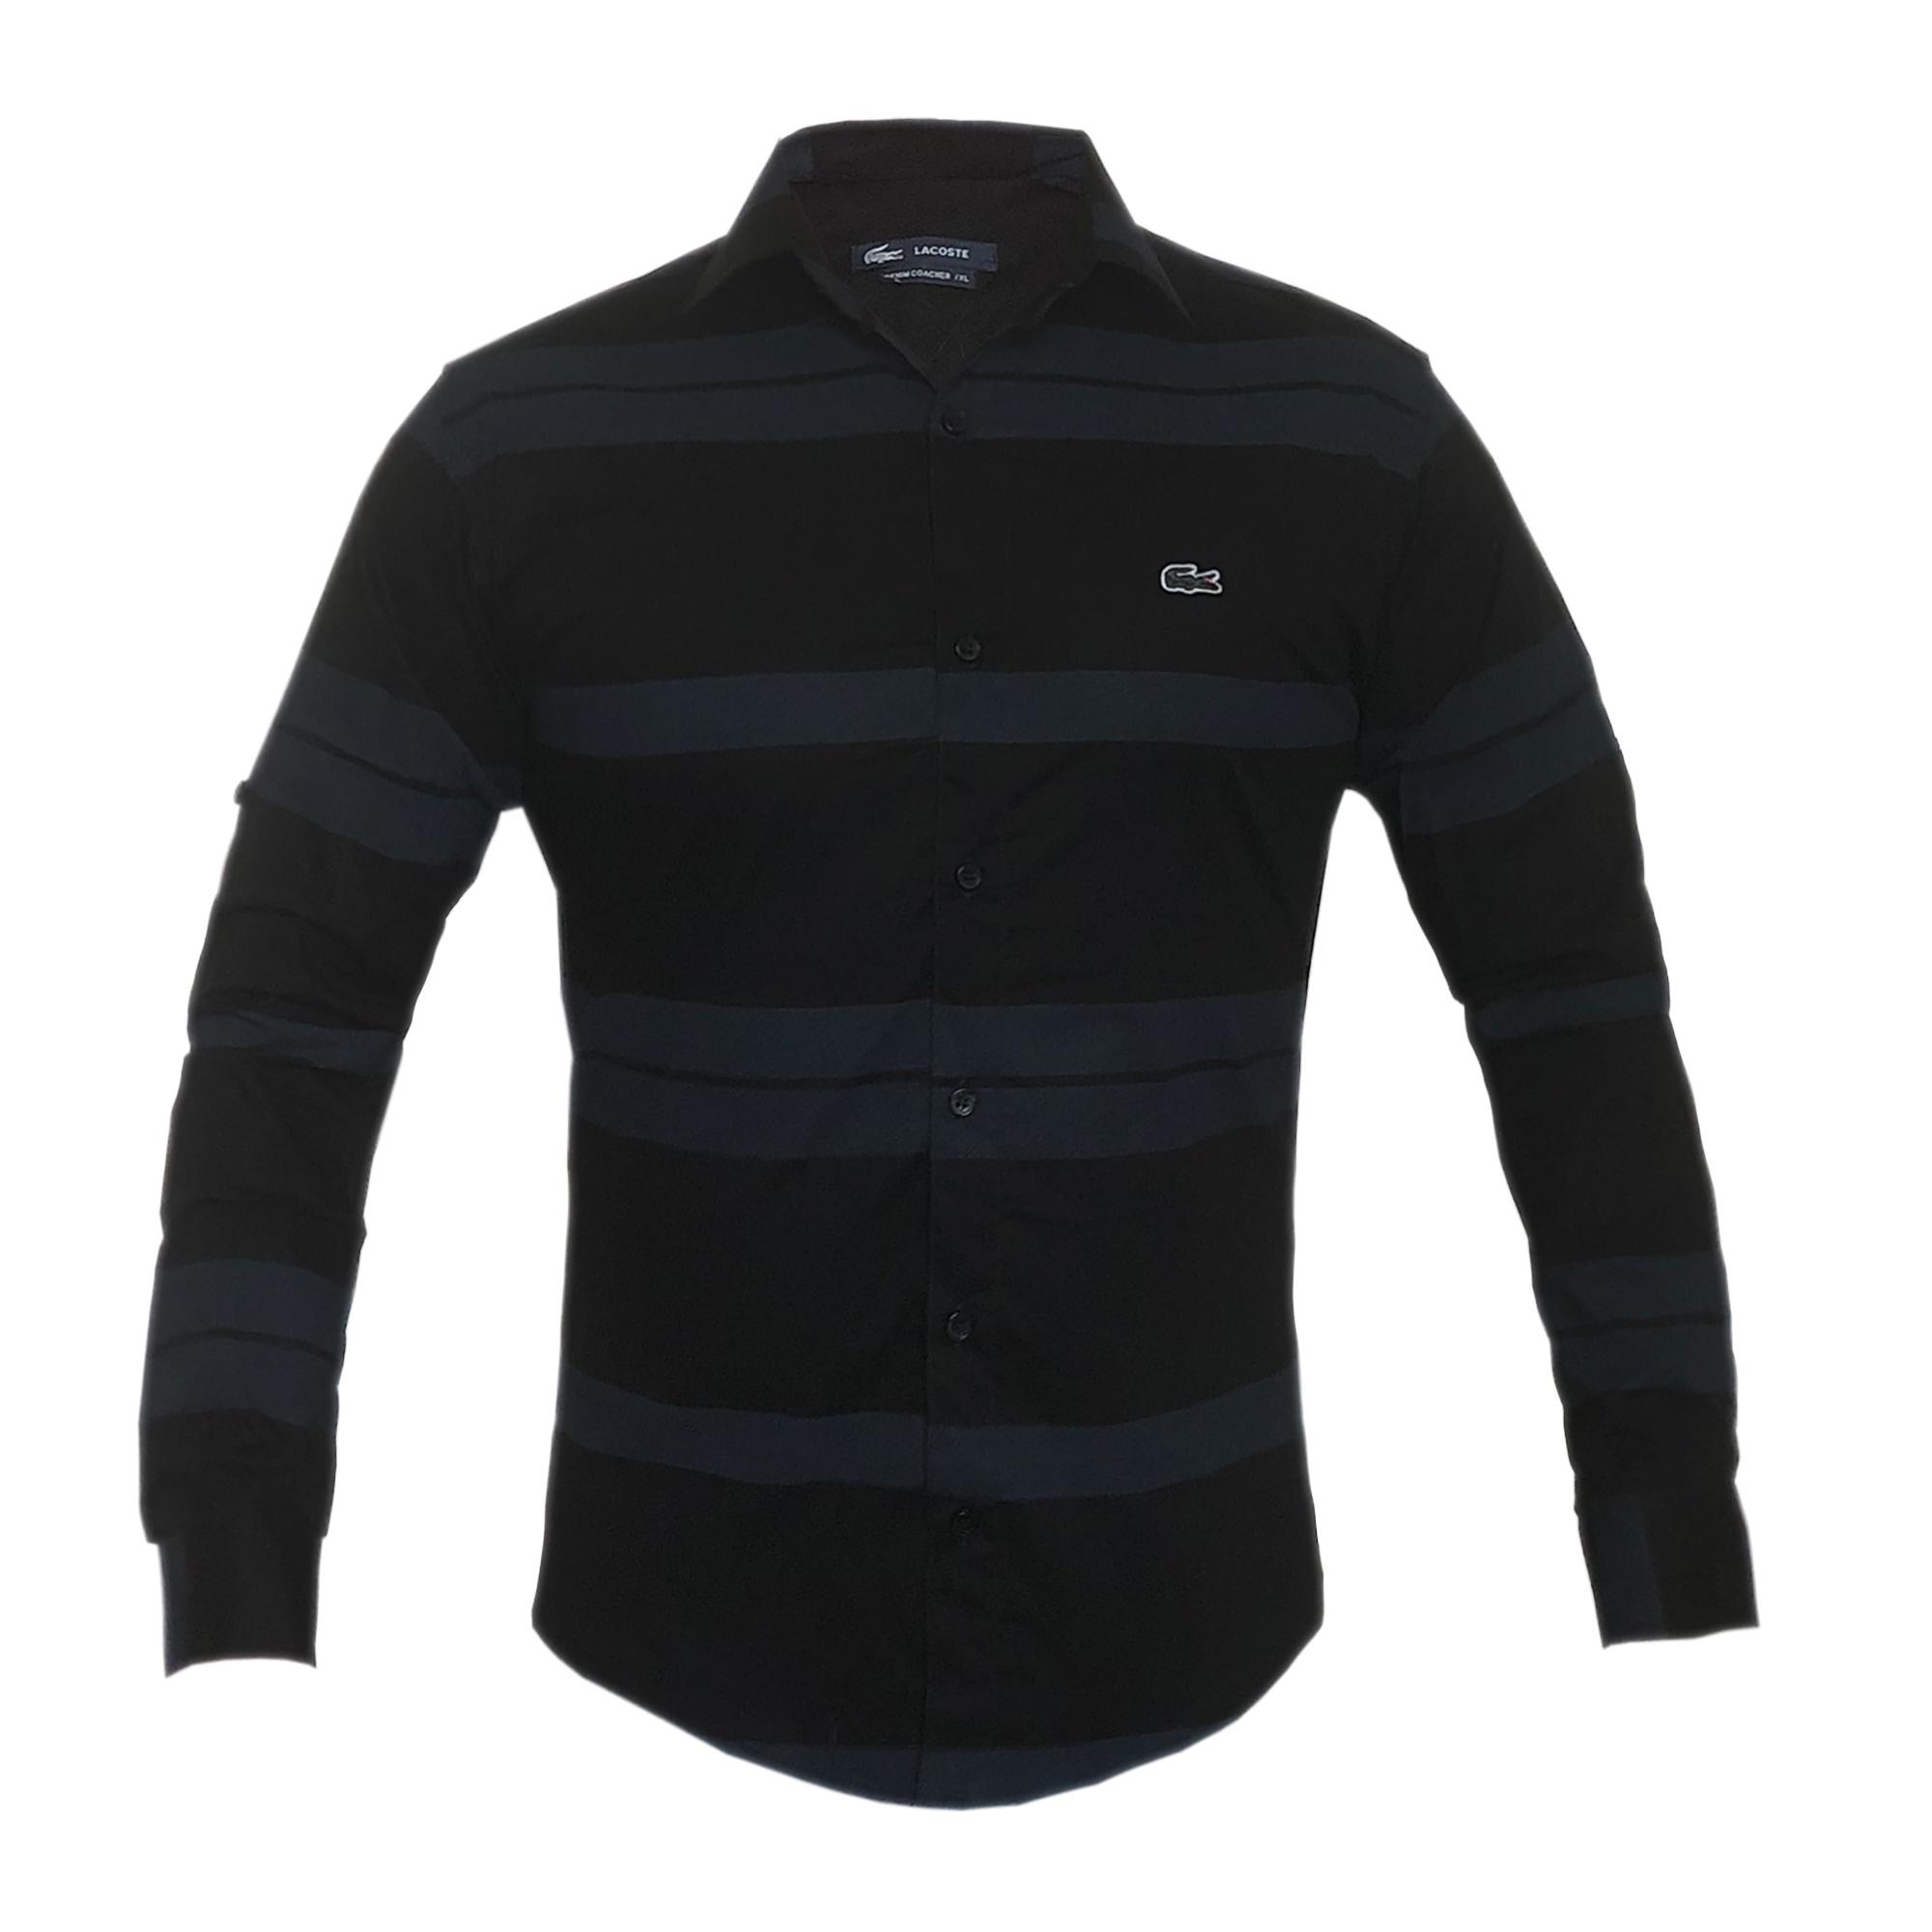 پیراهن مردانه لاگوست کد ar014 رنگ سورمه ای